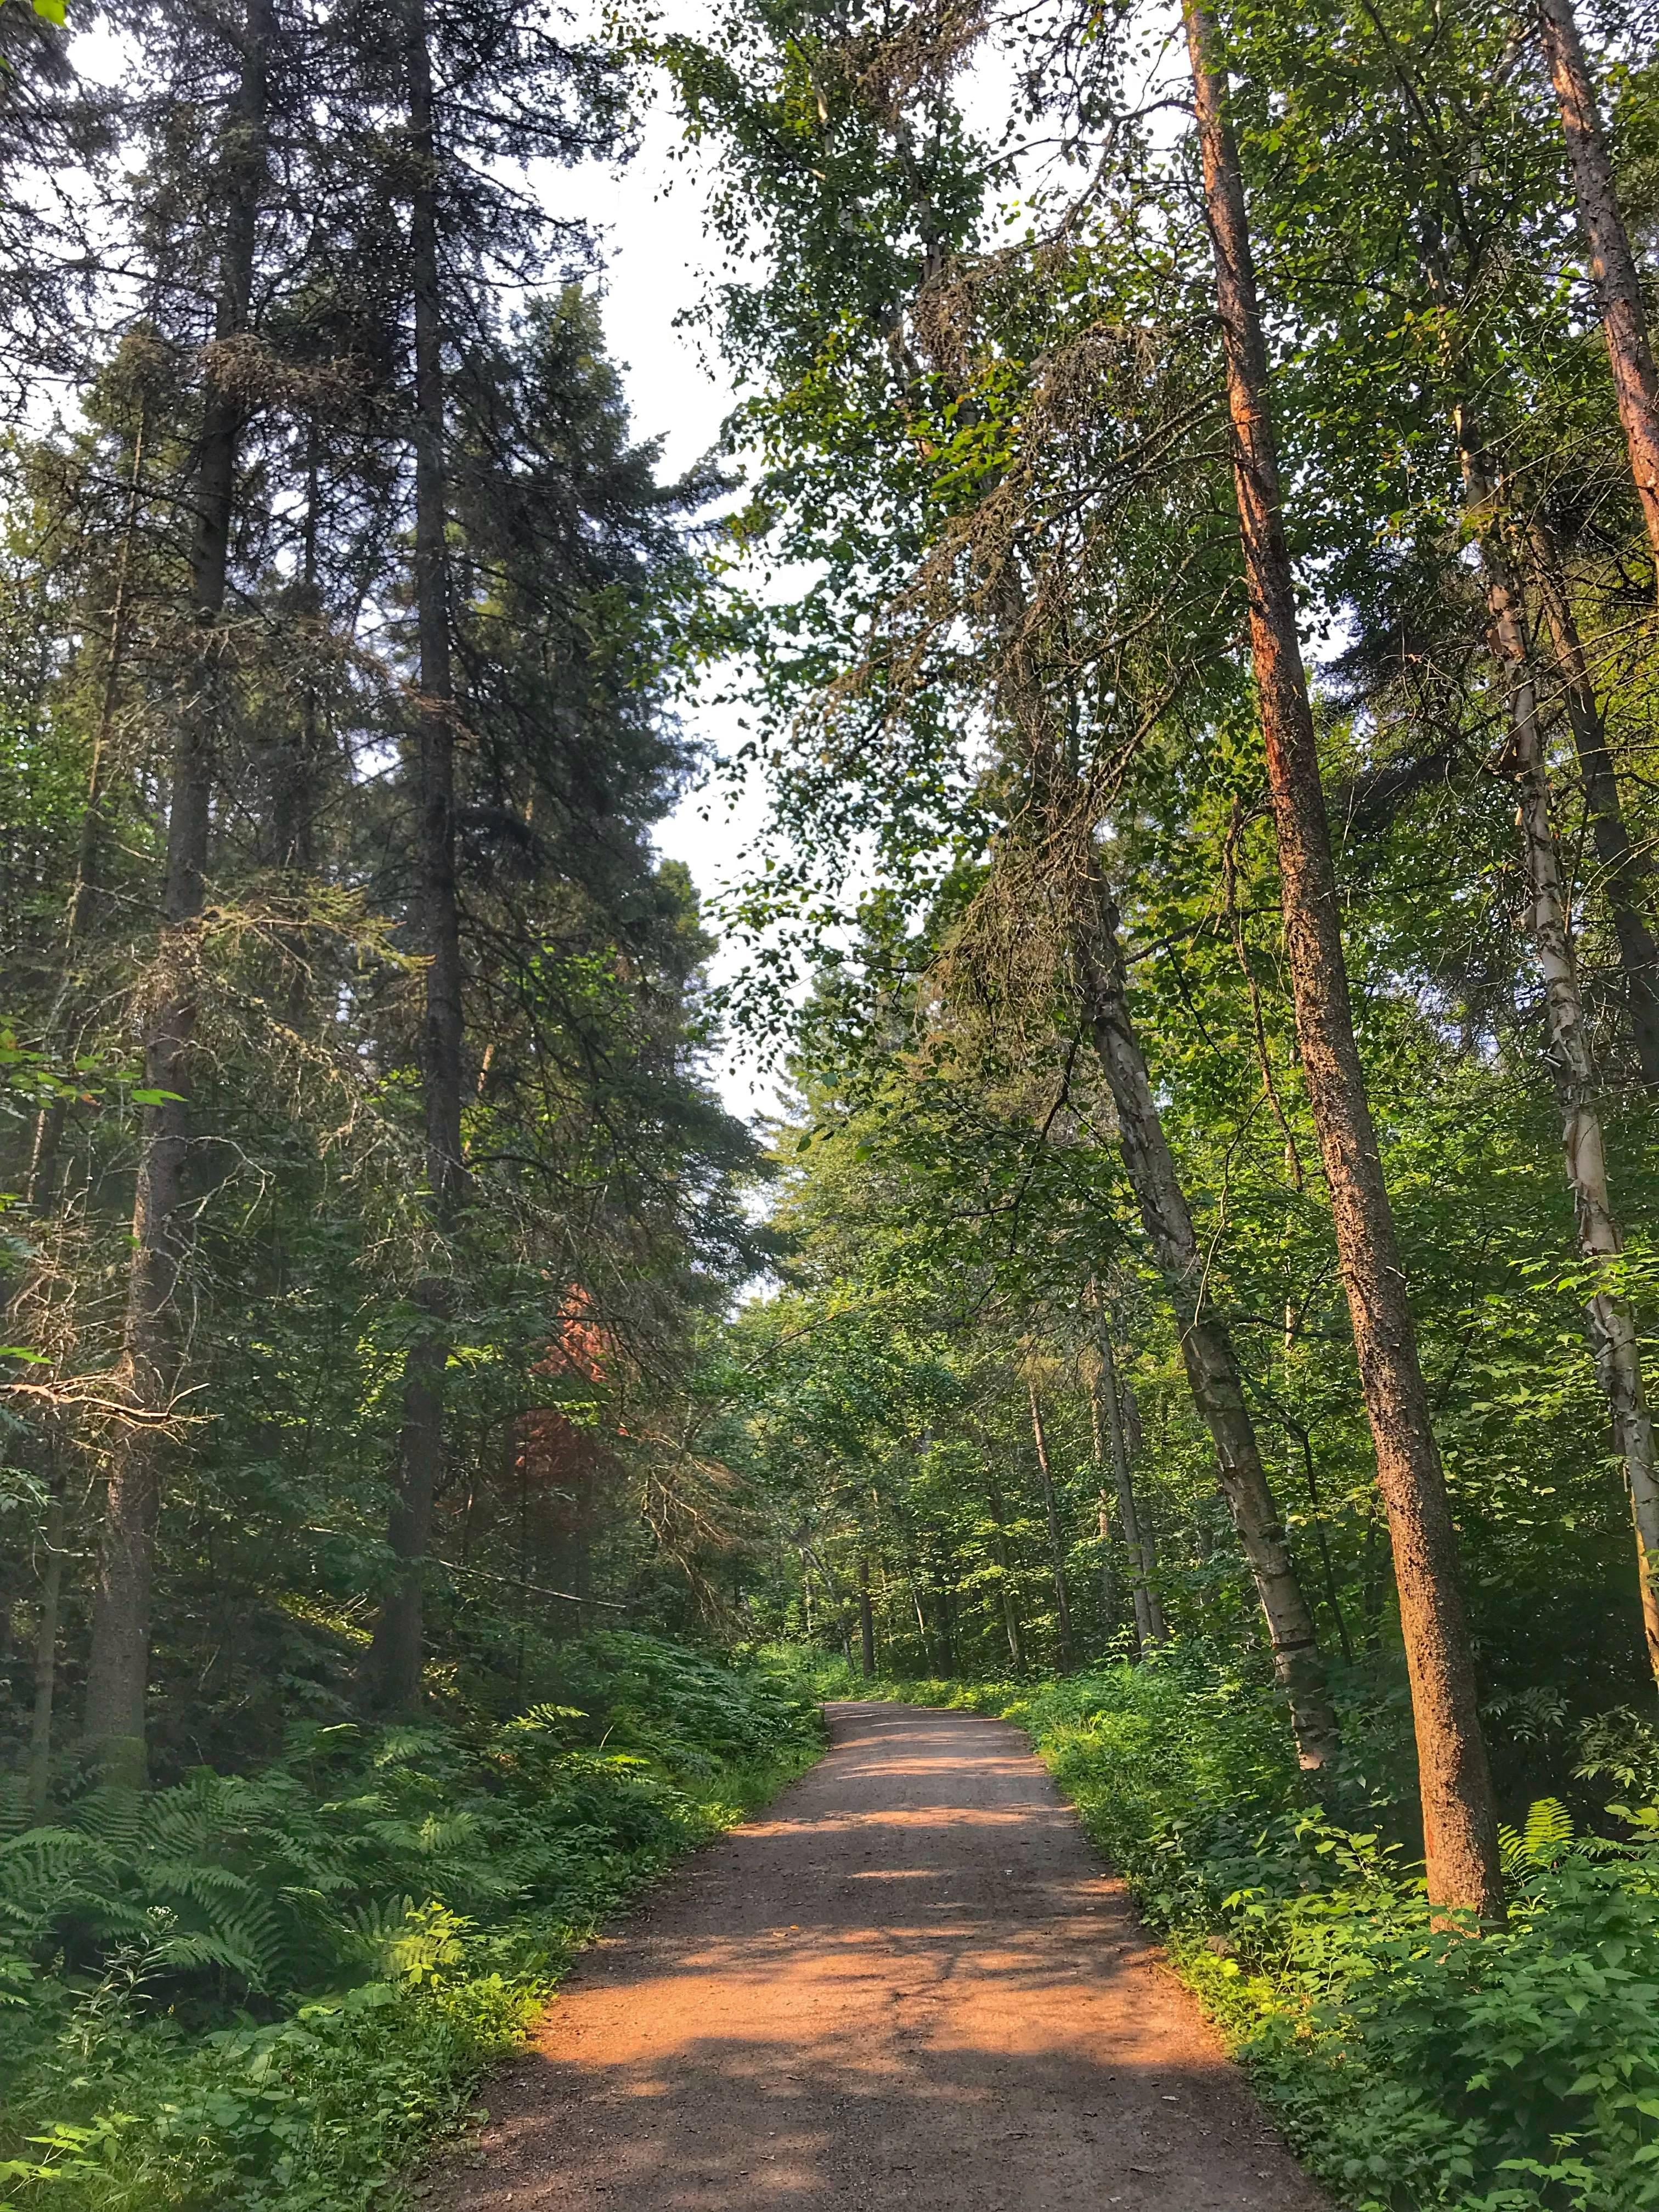 Photo 3: Parc de la Rivière-du-Moulin